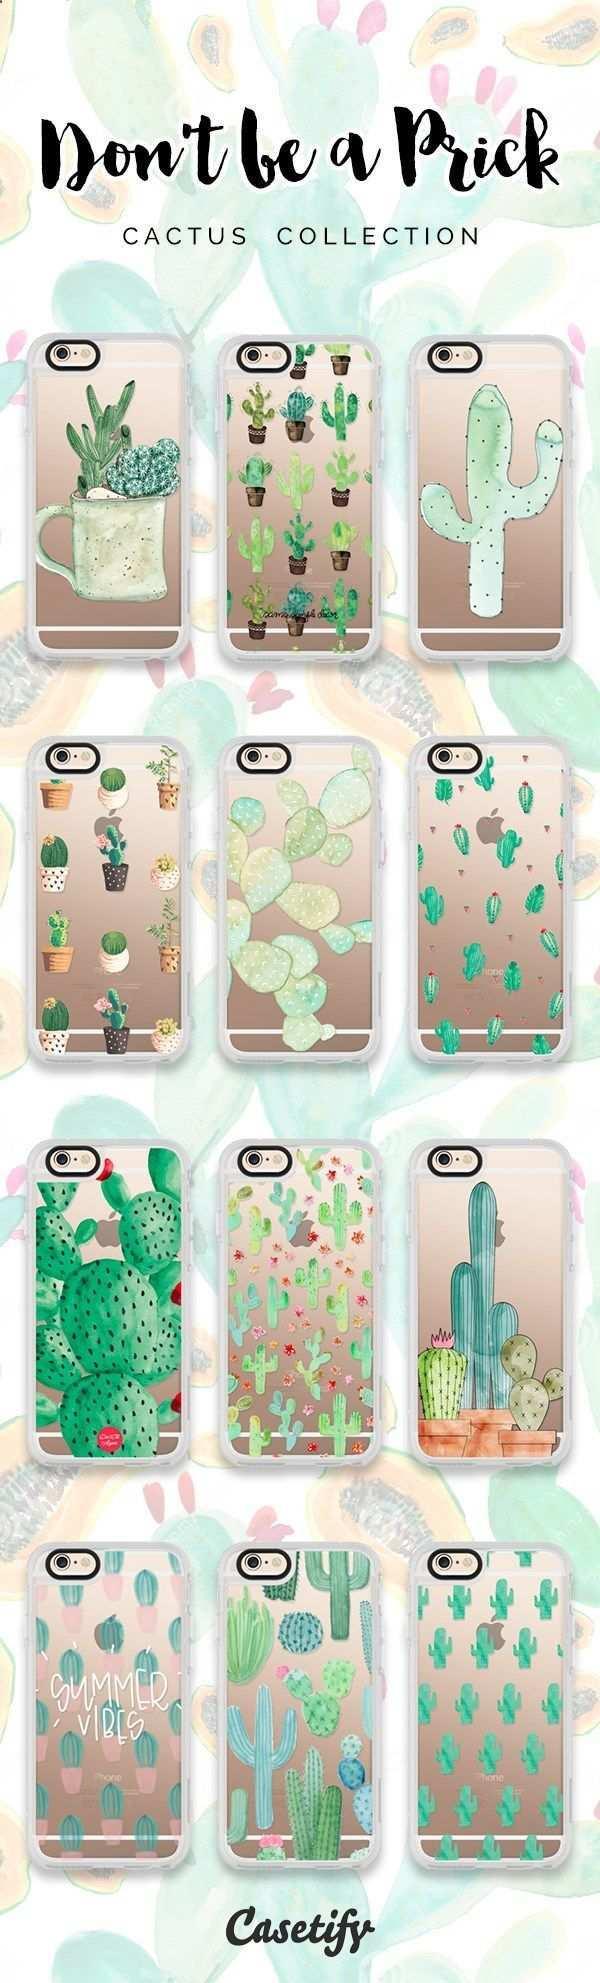 12 Meistgesuchte Kakteen Iphone 6 Schutzhullen Klicken Sie Sich Durch Um Mehr Zu Sehen Durch Iphone Kakteen Klick Iphone 6 Iphone Handyhulle Kaktus